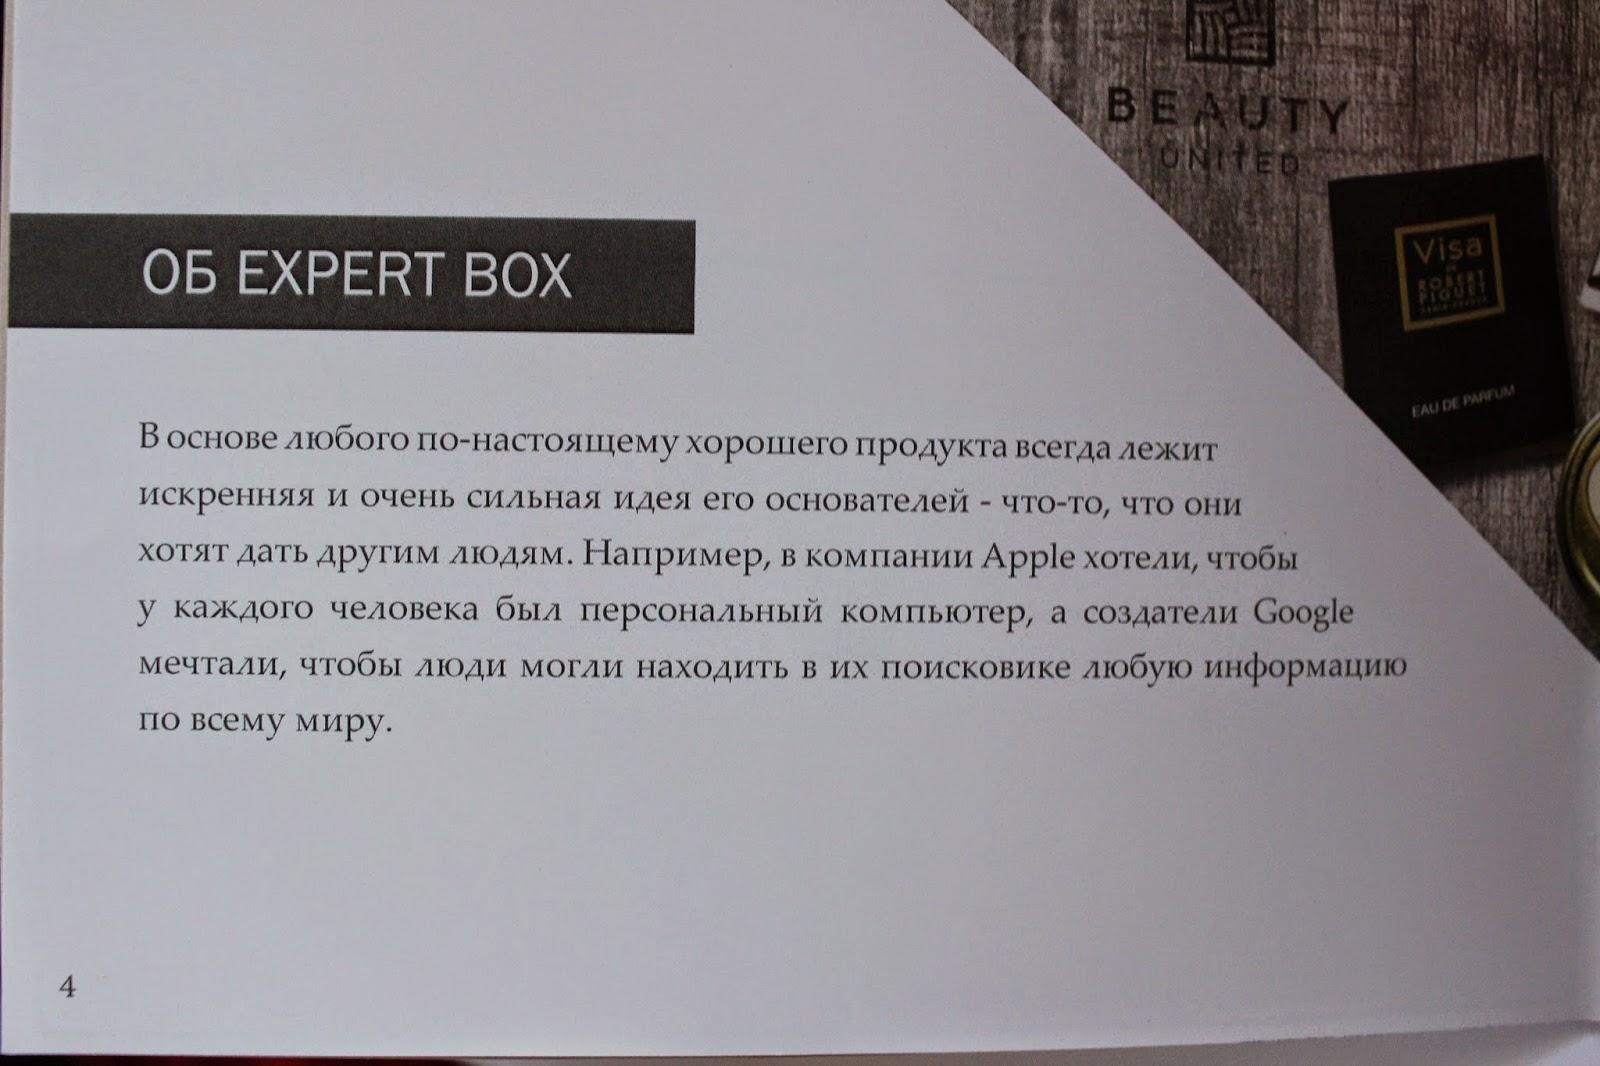 Фото буклета из Expert Box от BeUnited